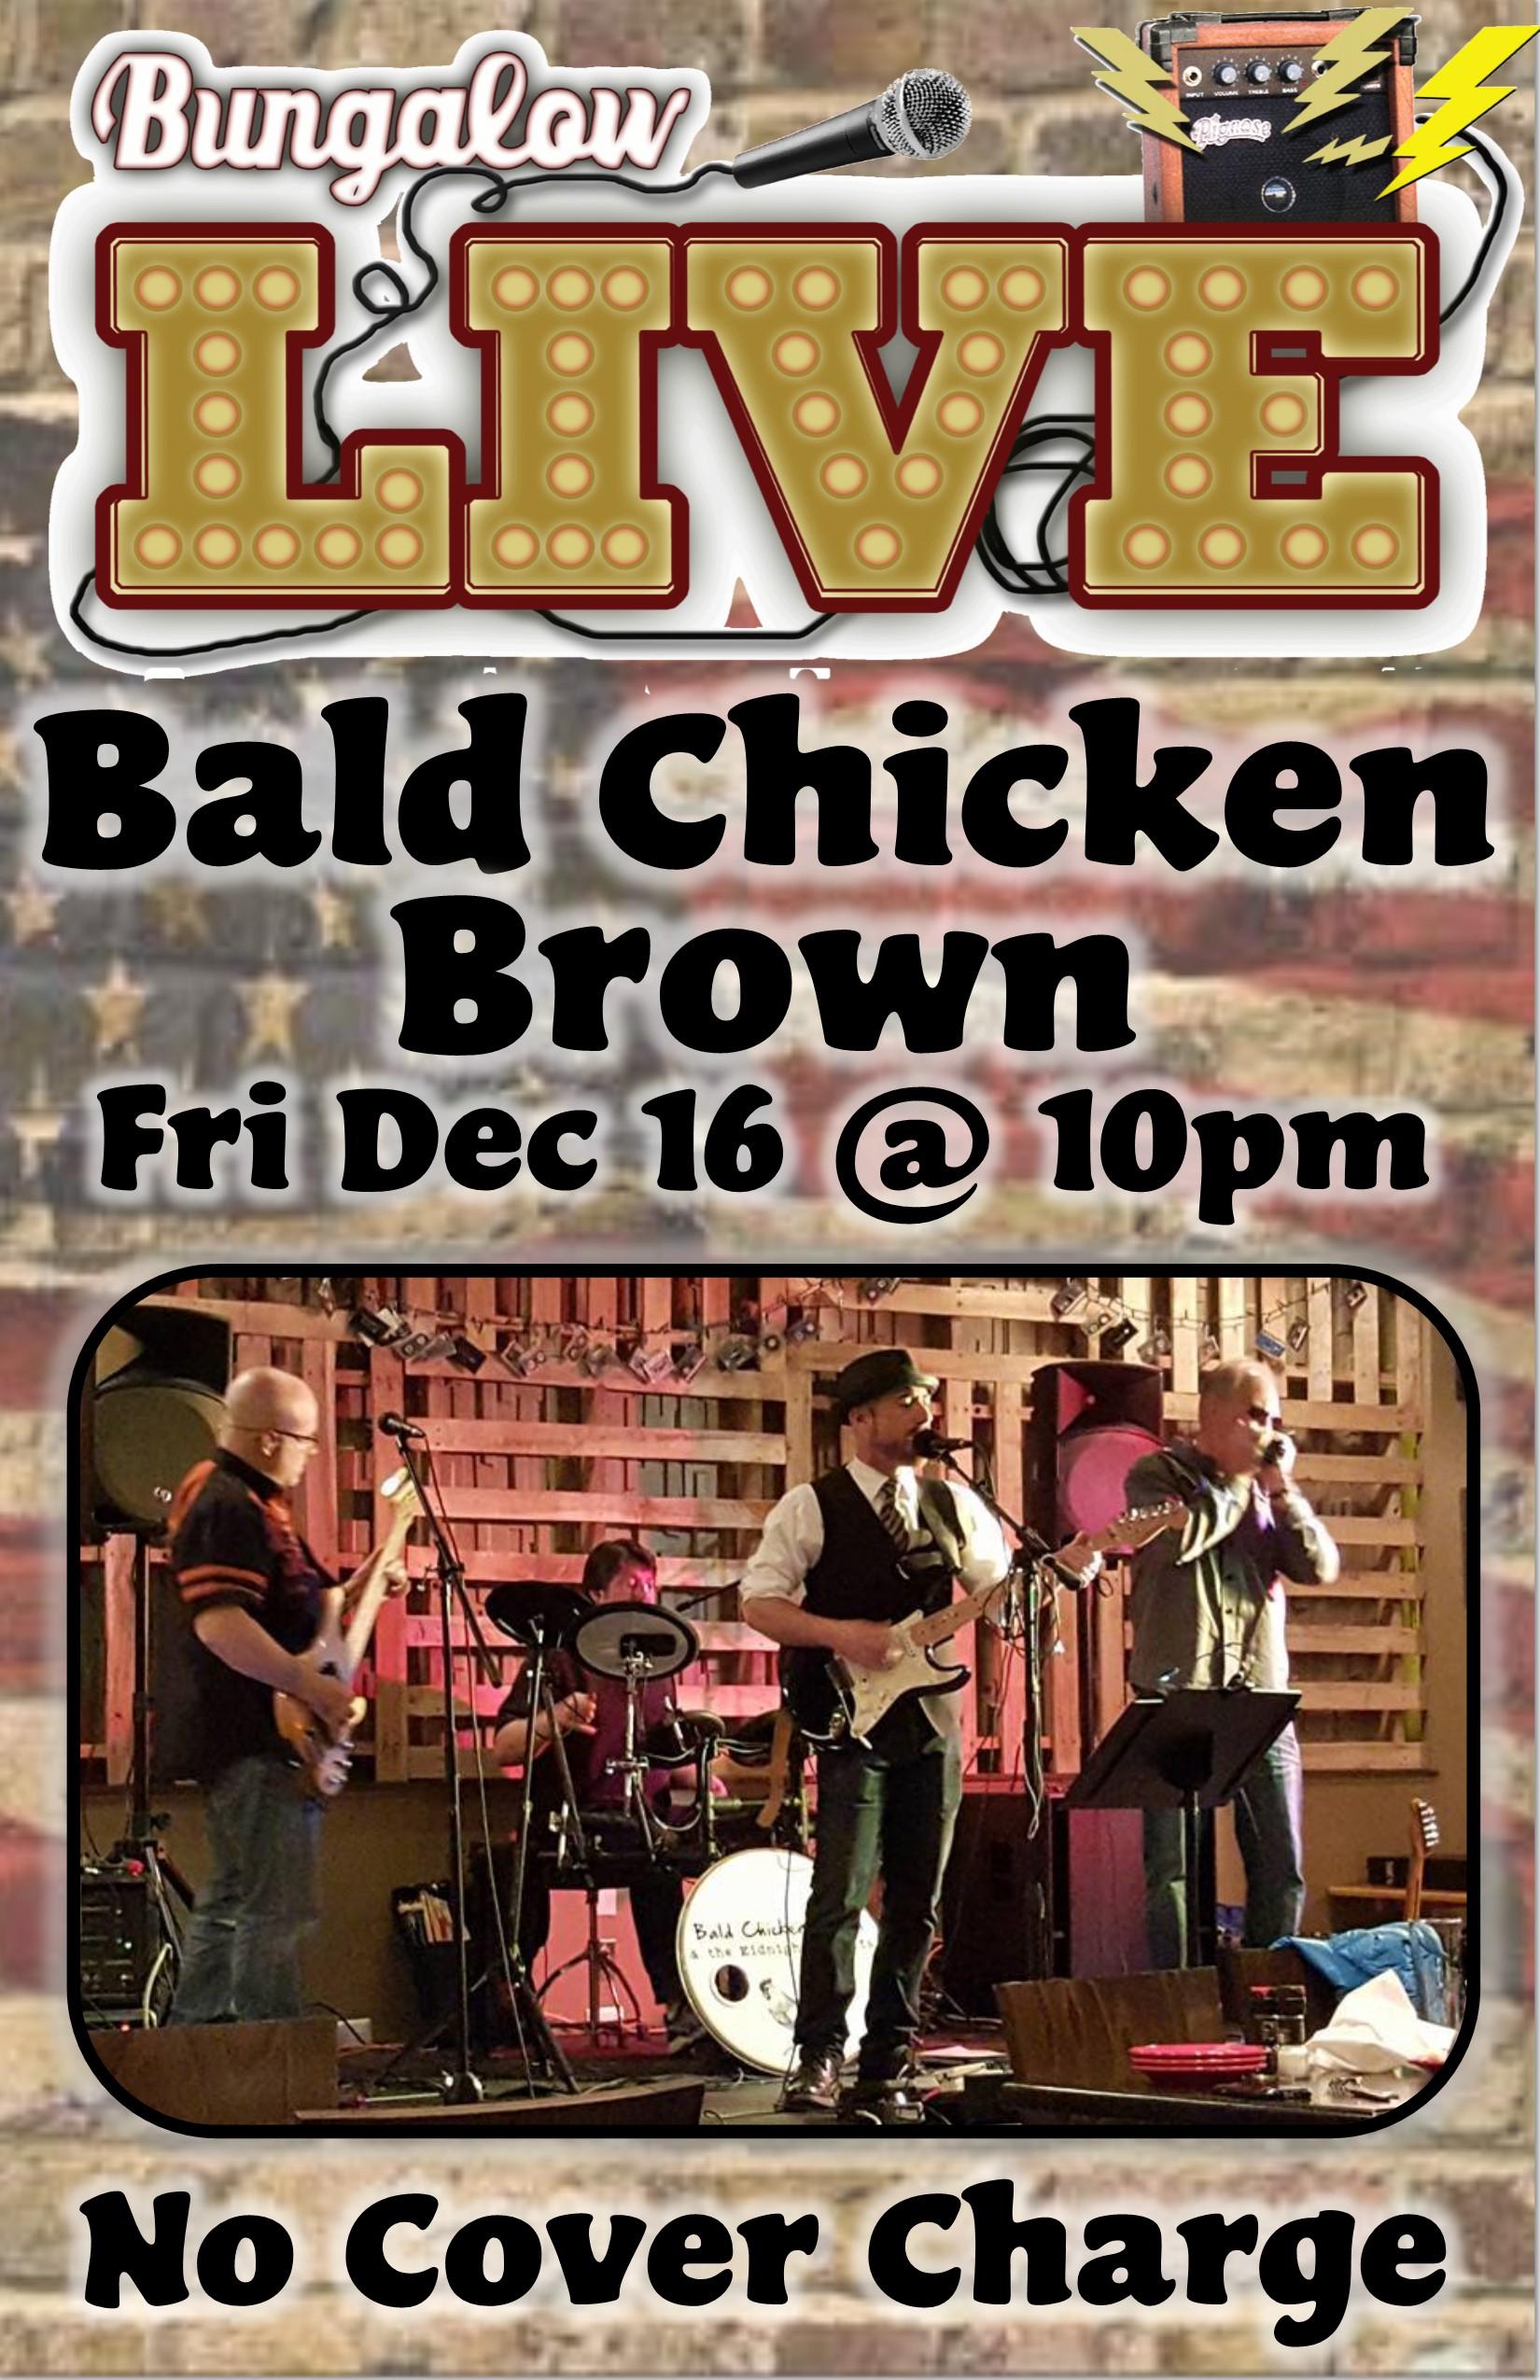 Bald chicken 11x17